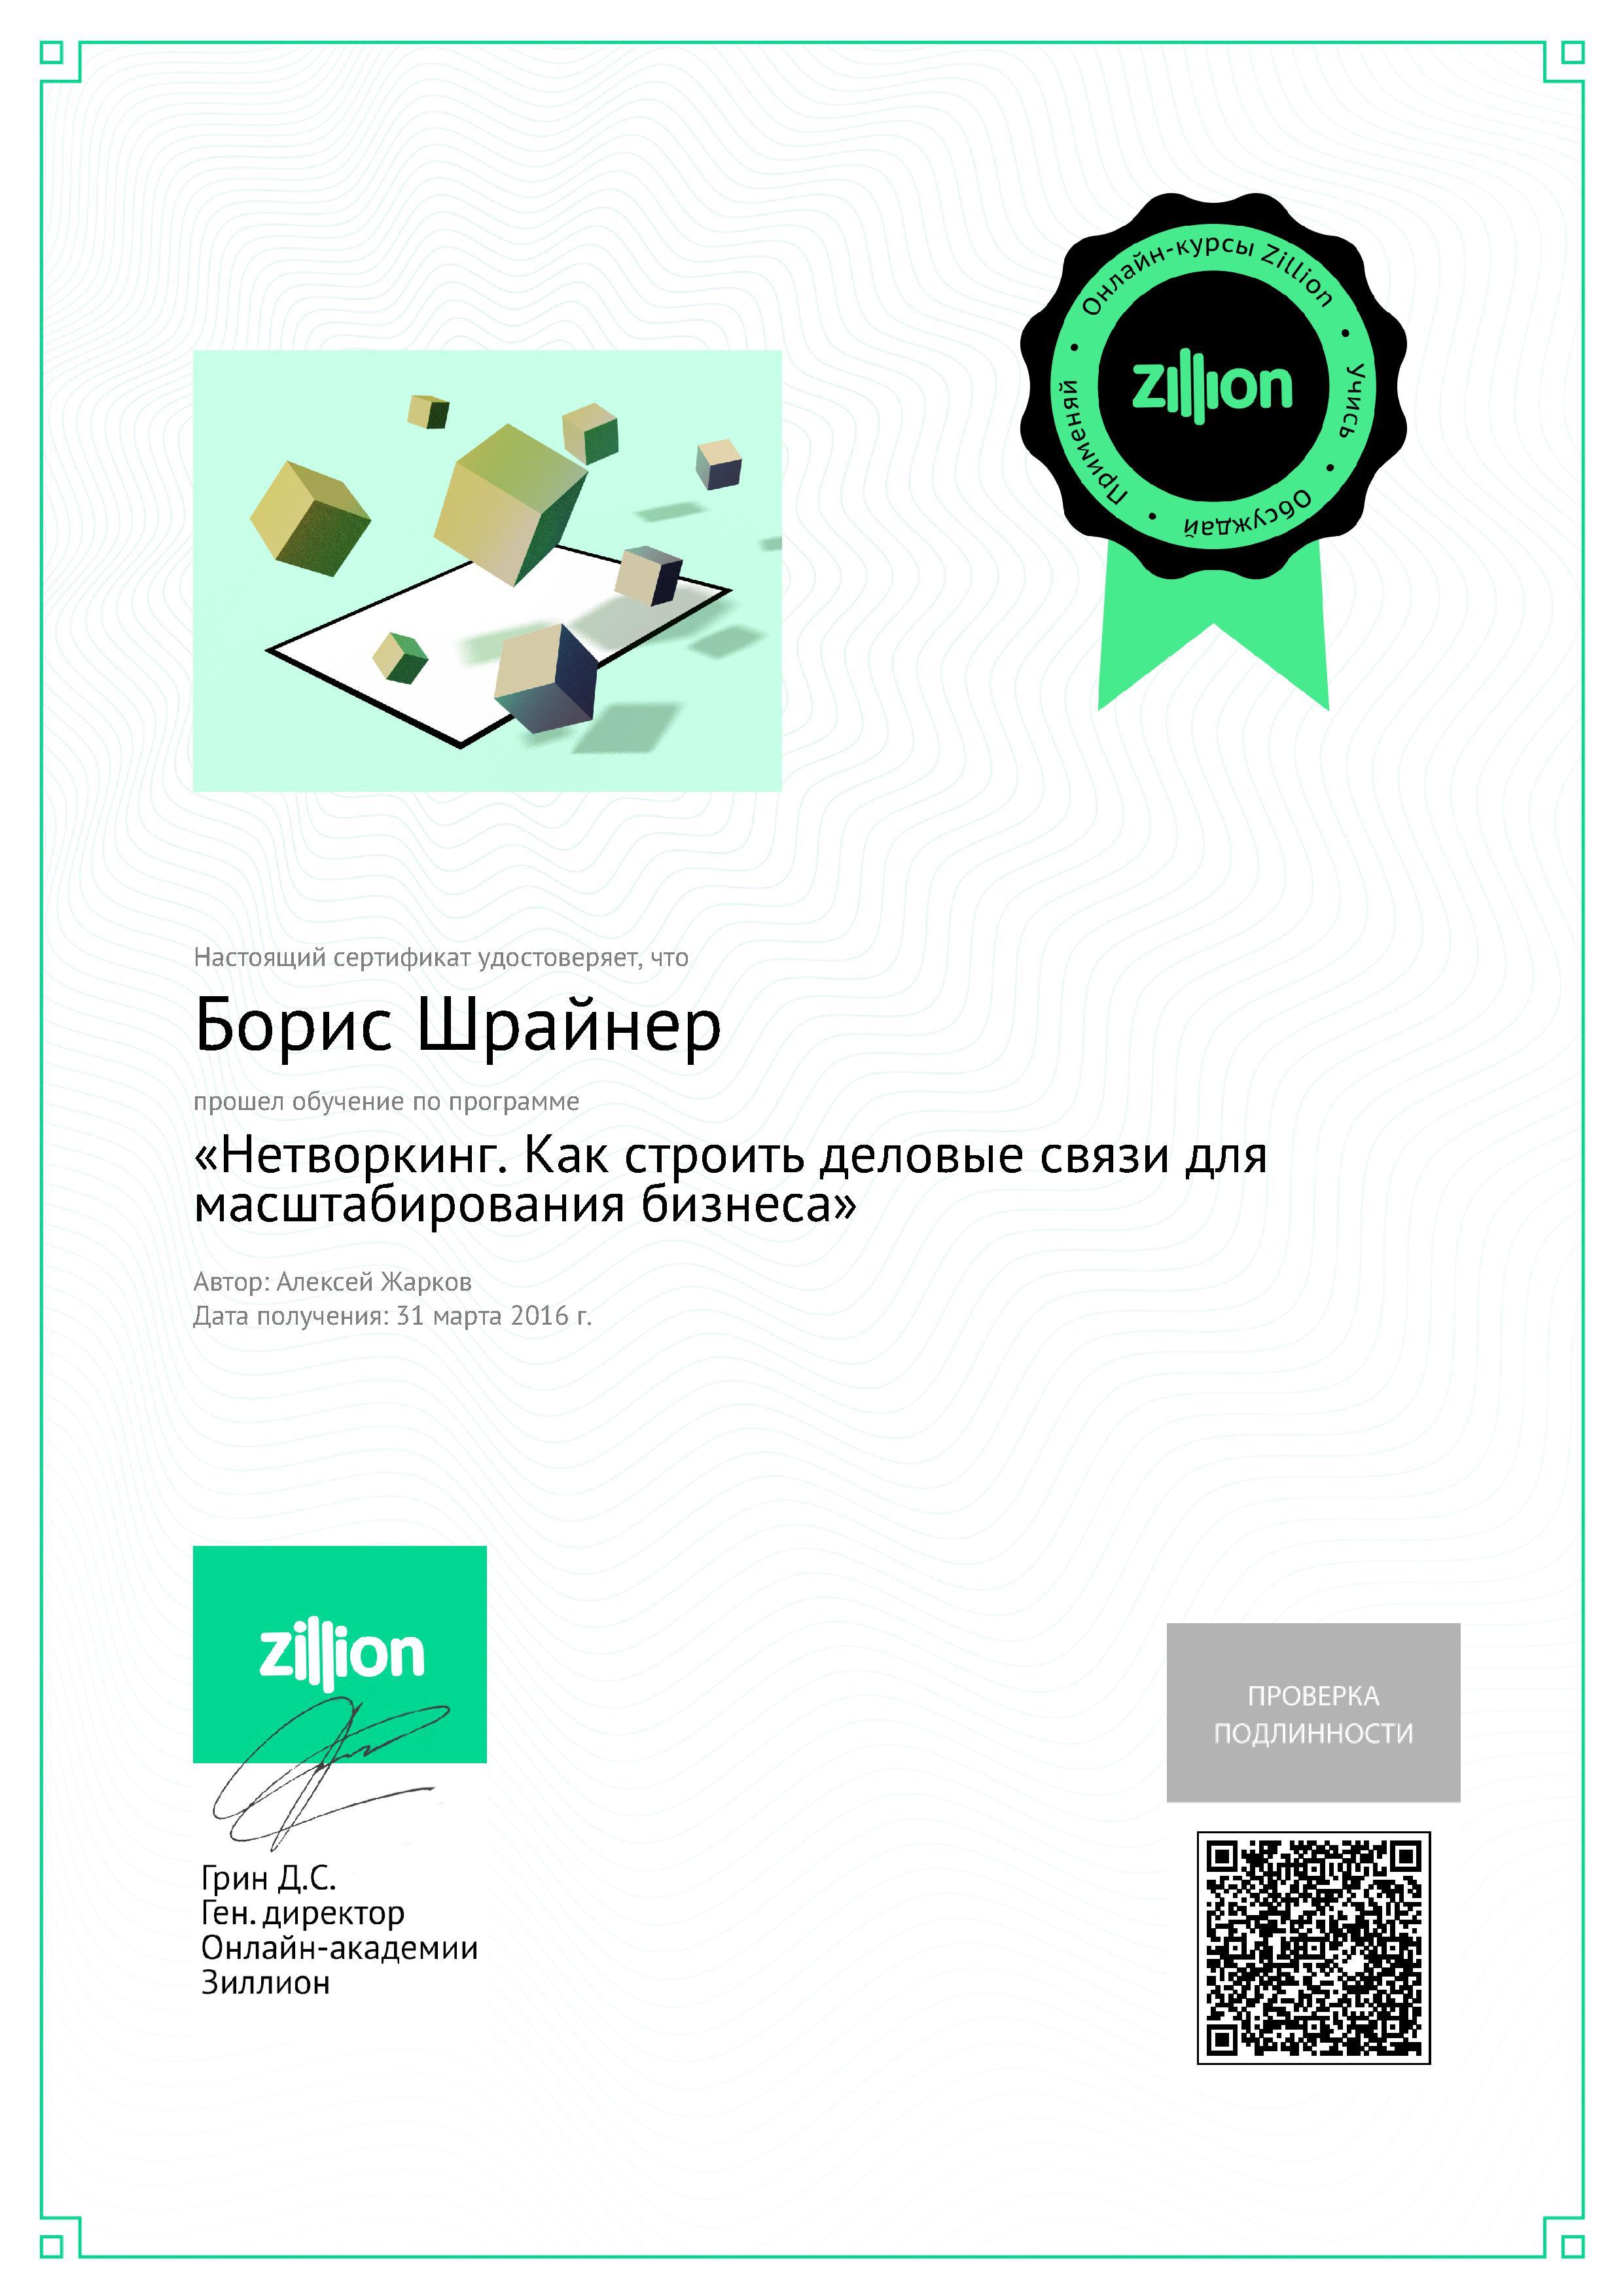 """Сертификат по программе """"Нетворкинг. Как строить деловые связи для масштабирования бизнеса""""(Zillion)"""